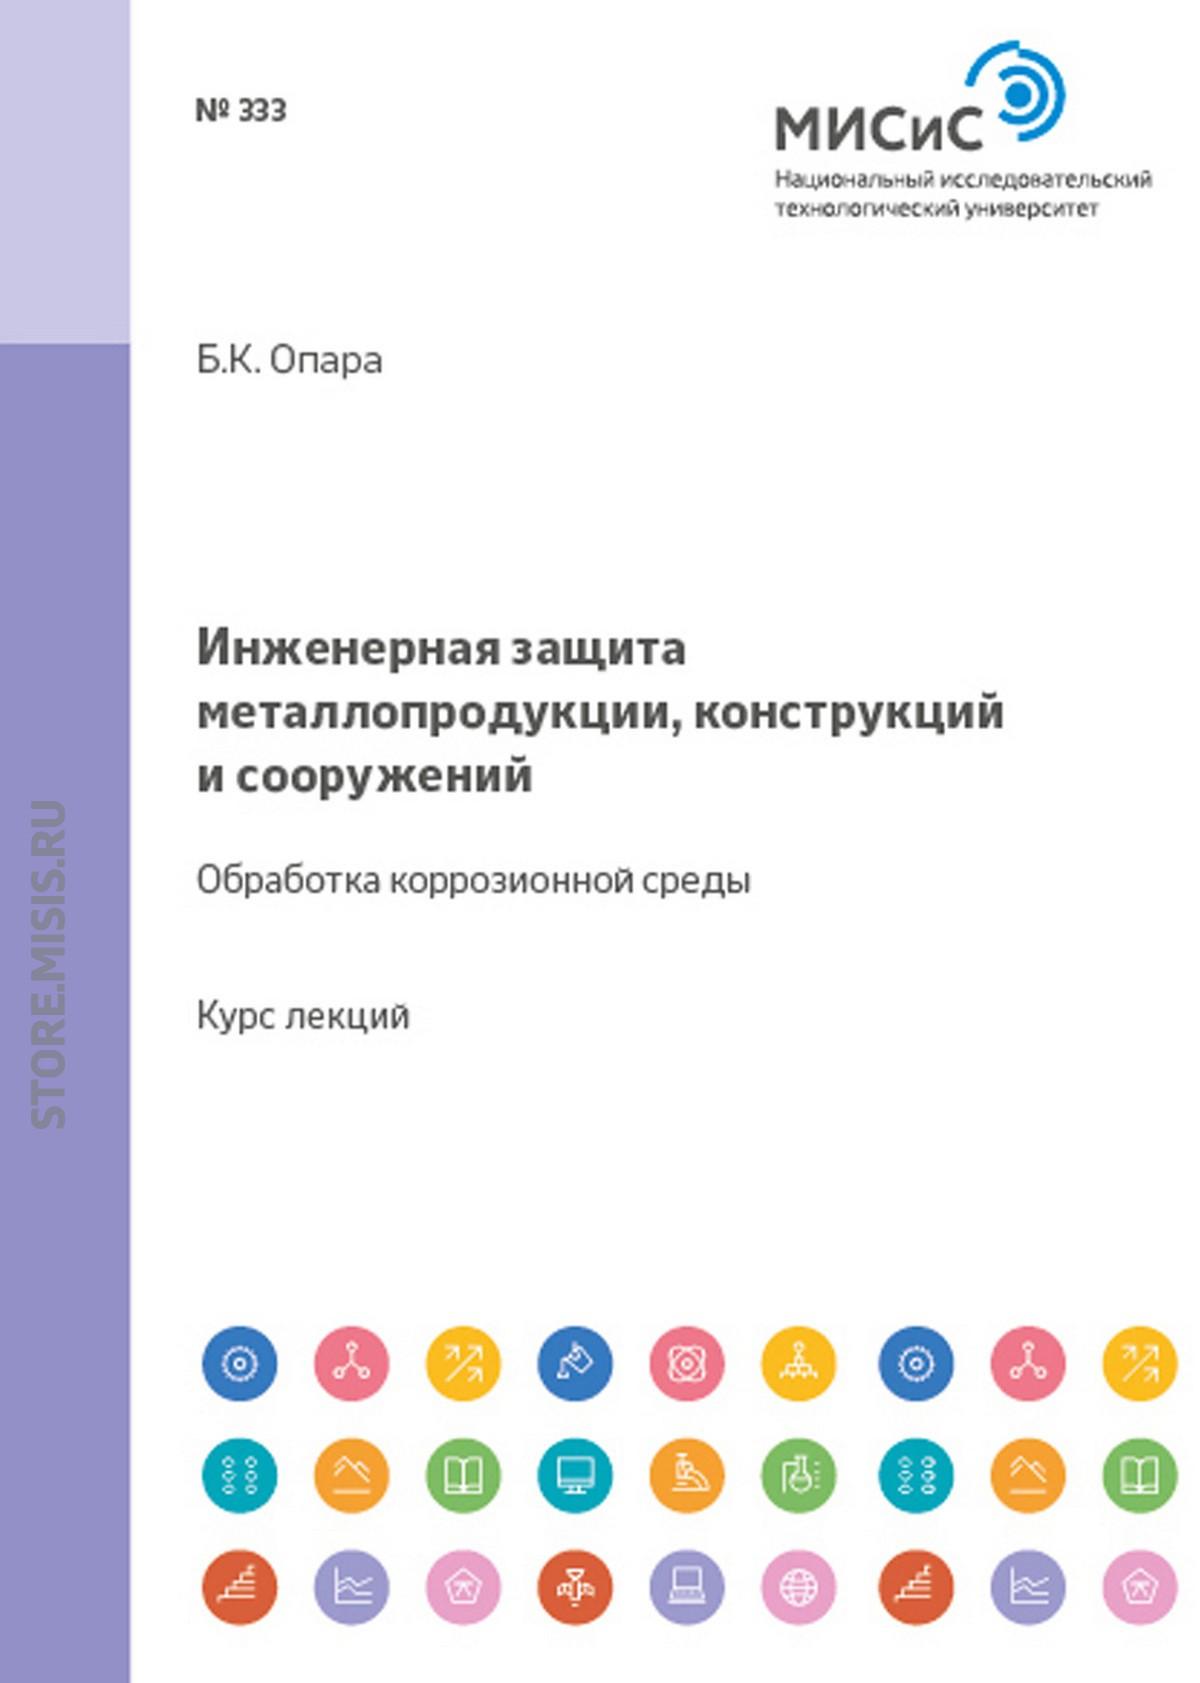 Борис Опара Инженерная защита металлопродукции, конструкций и сооружений. Обработка коррозионной среды